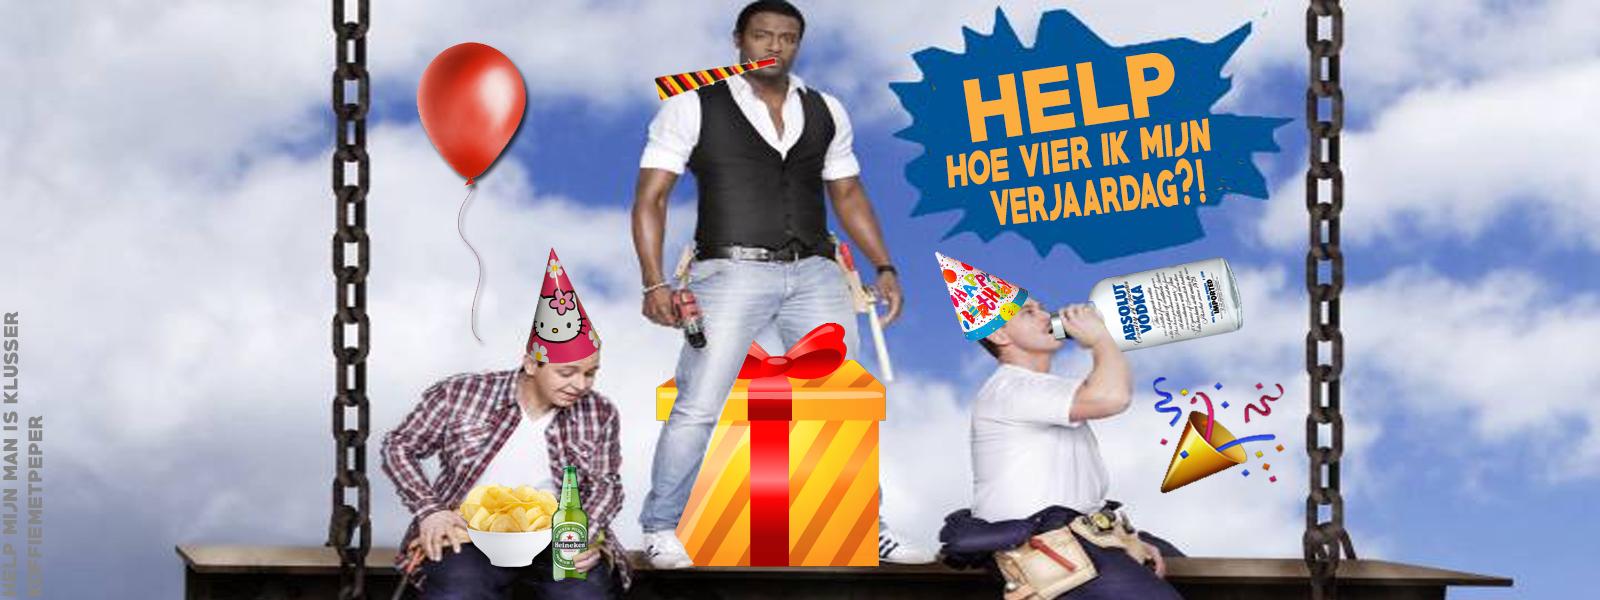 help-hoe-vier-ik-mijn-verjaardag